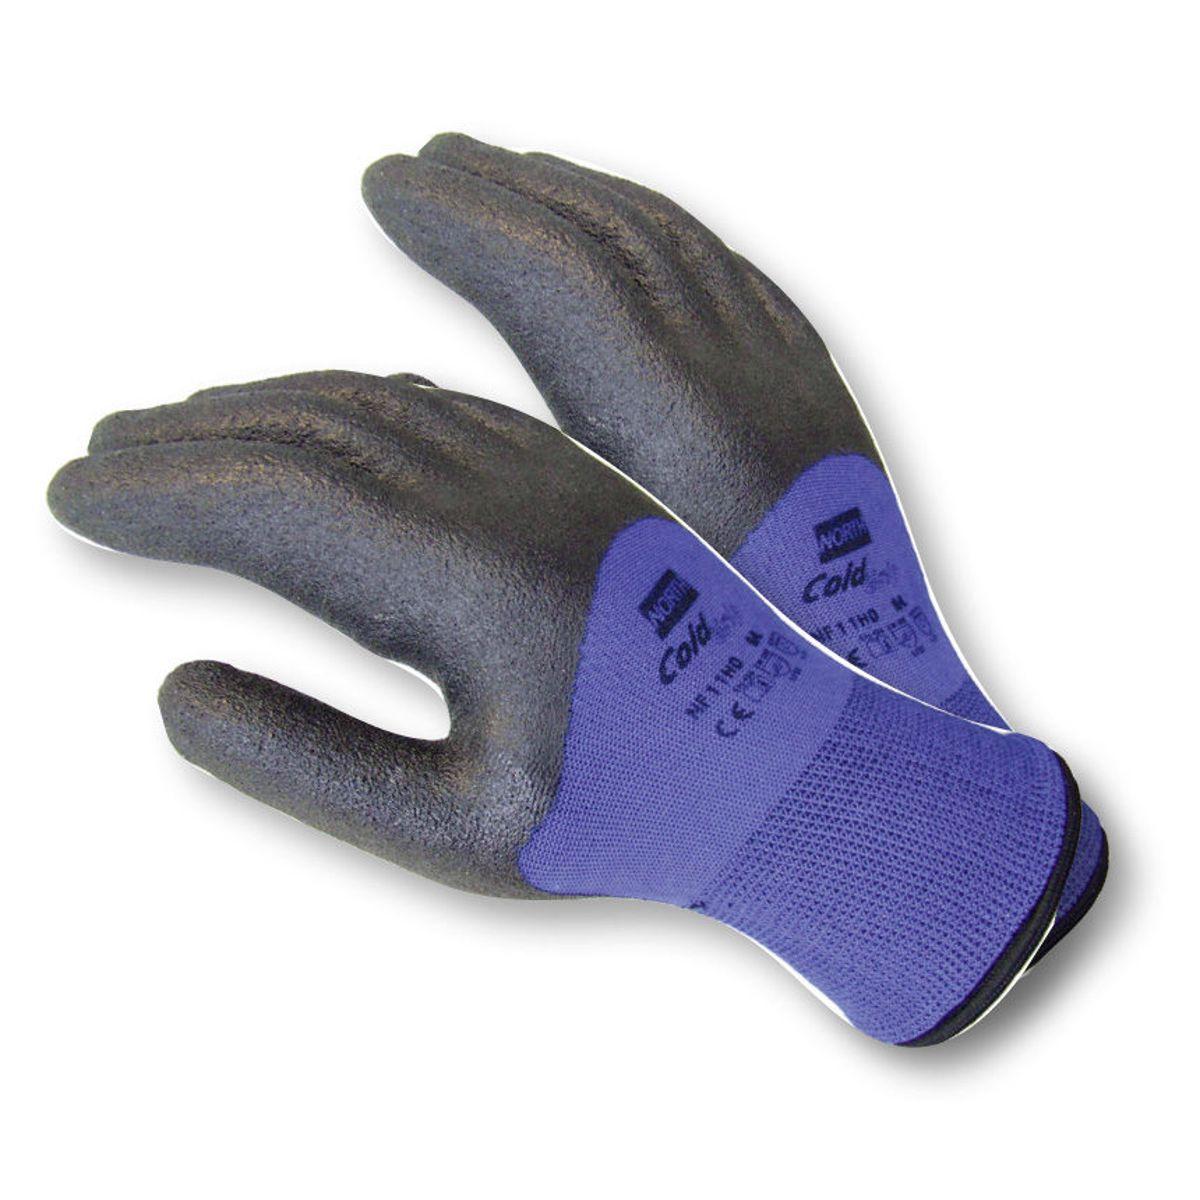 North cold grip gevoerde handschoen 10